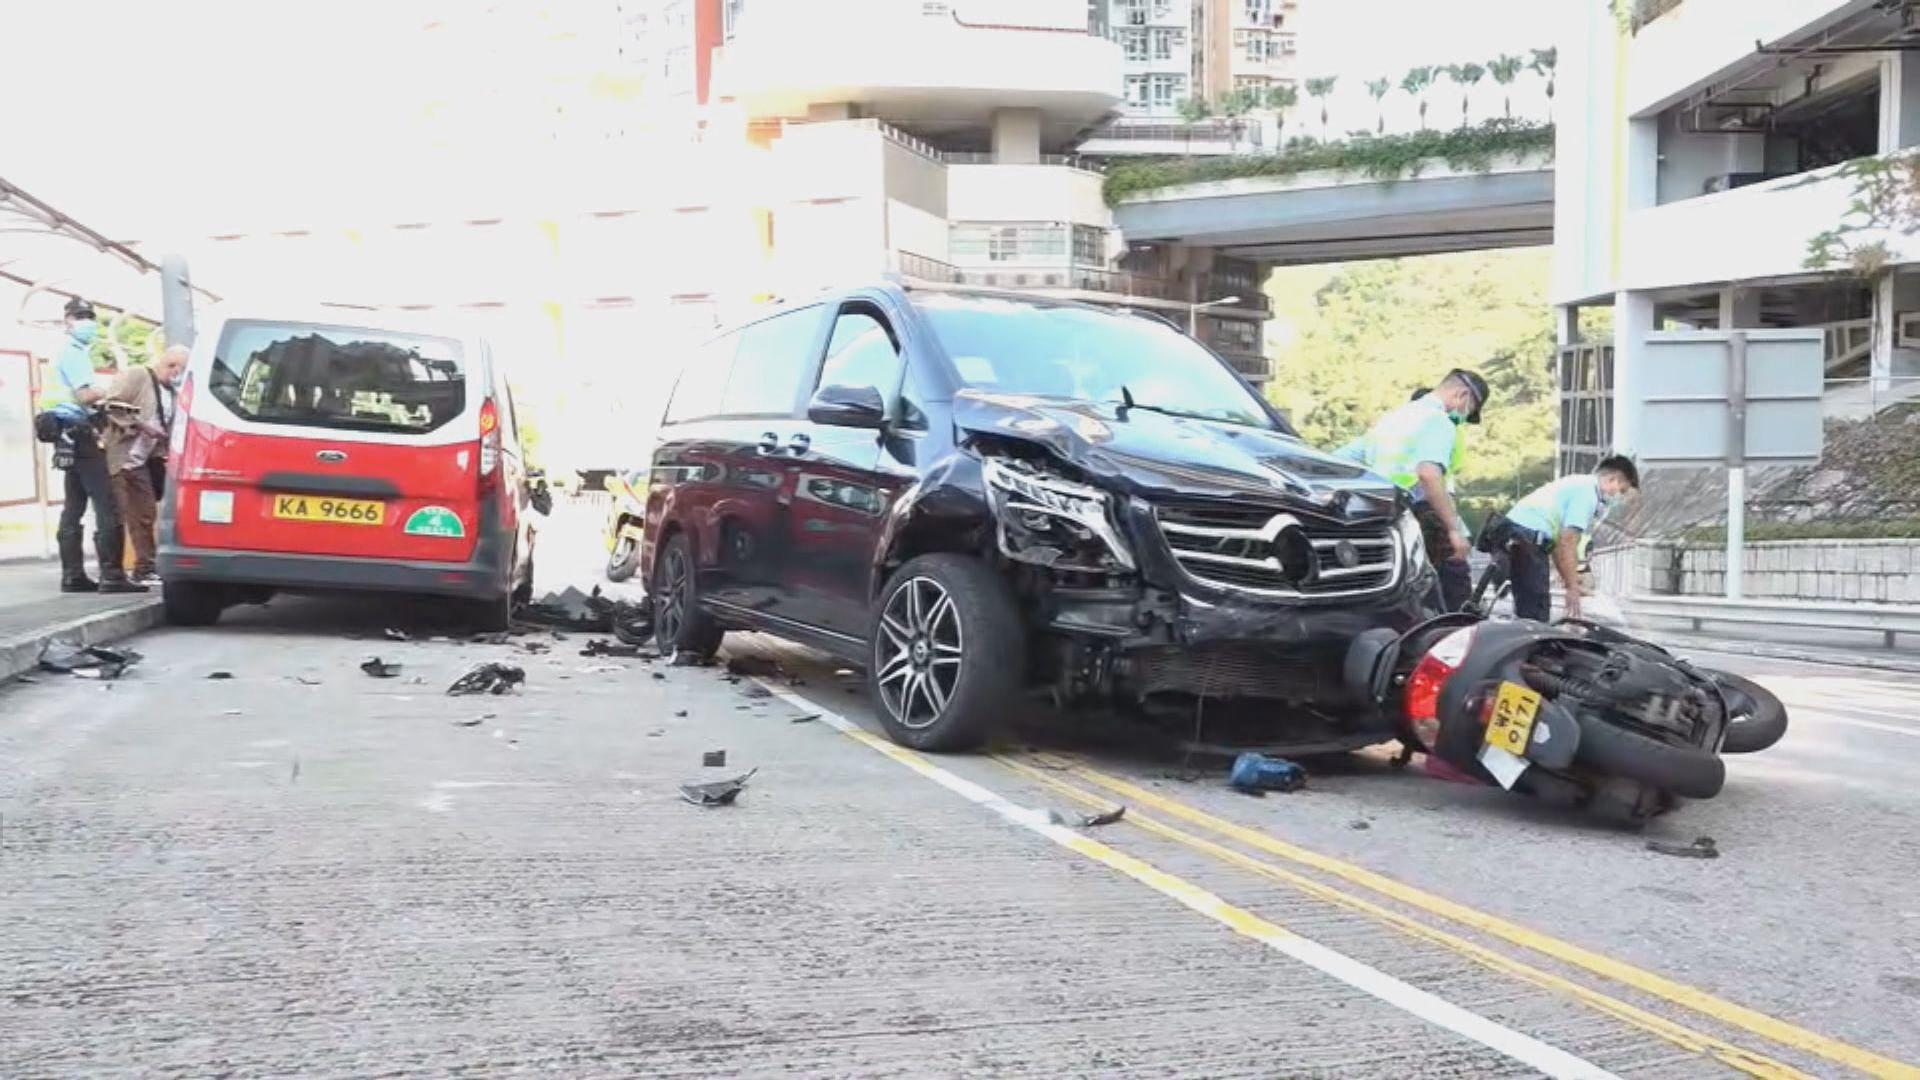 沙田三車相撞 電單車司機昏迷送院